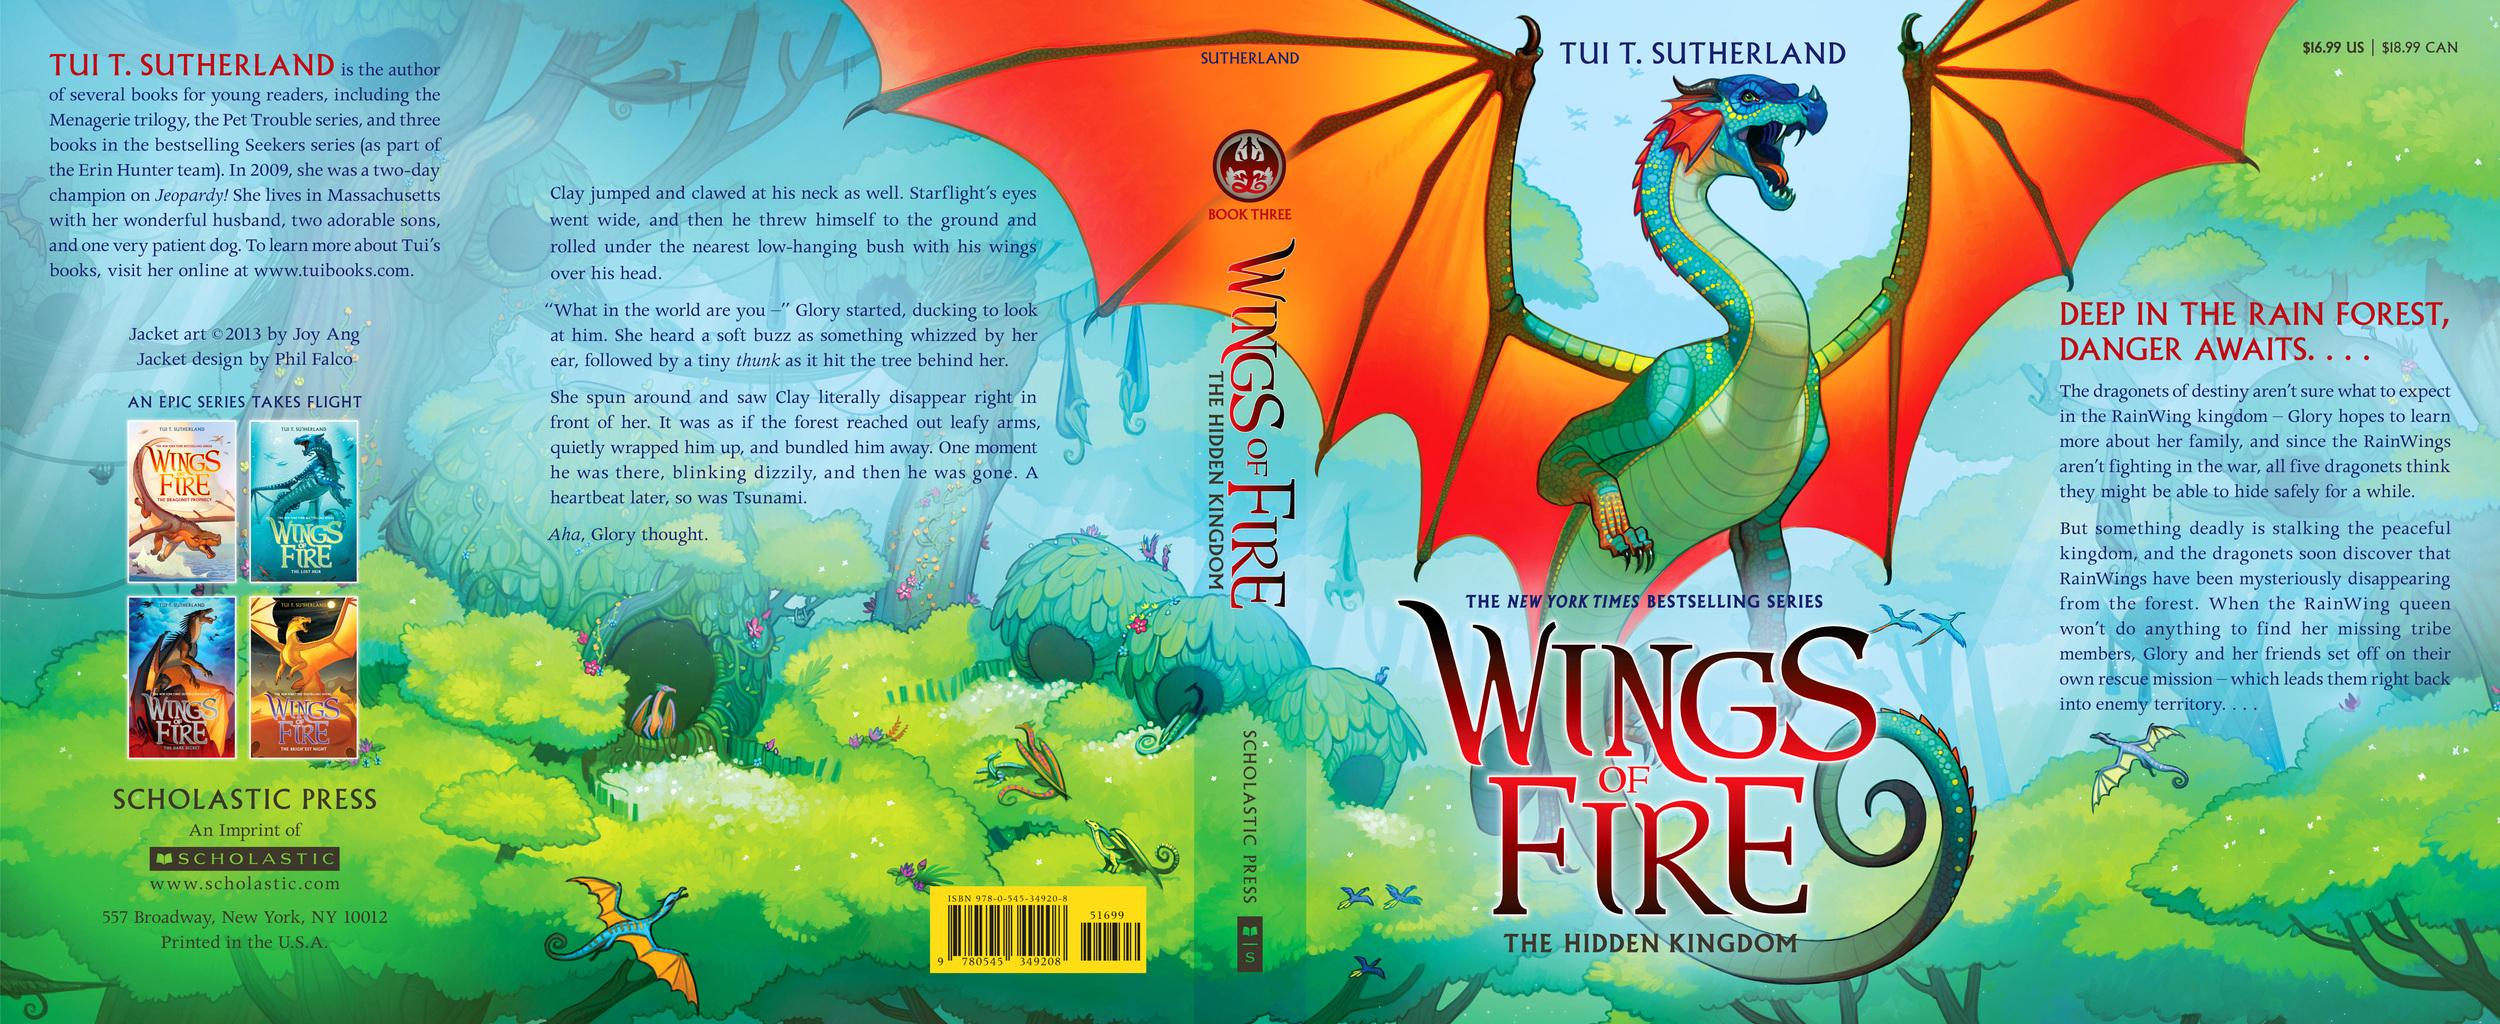 HC Wings of Fire 03 - JACKET.jpg